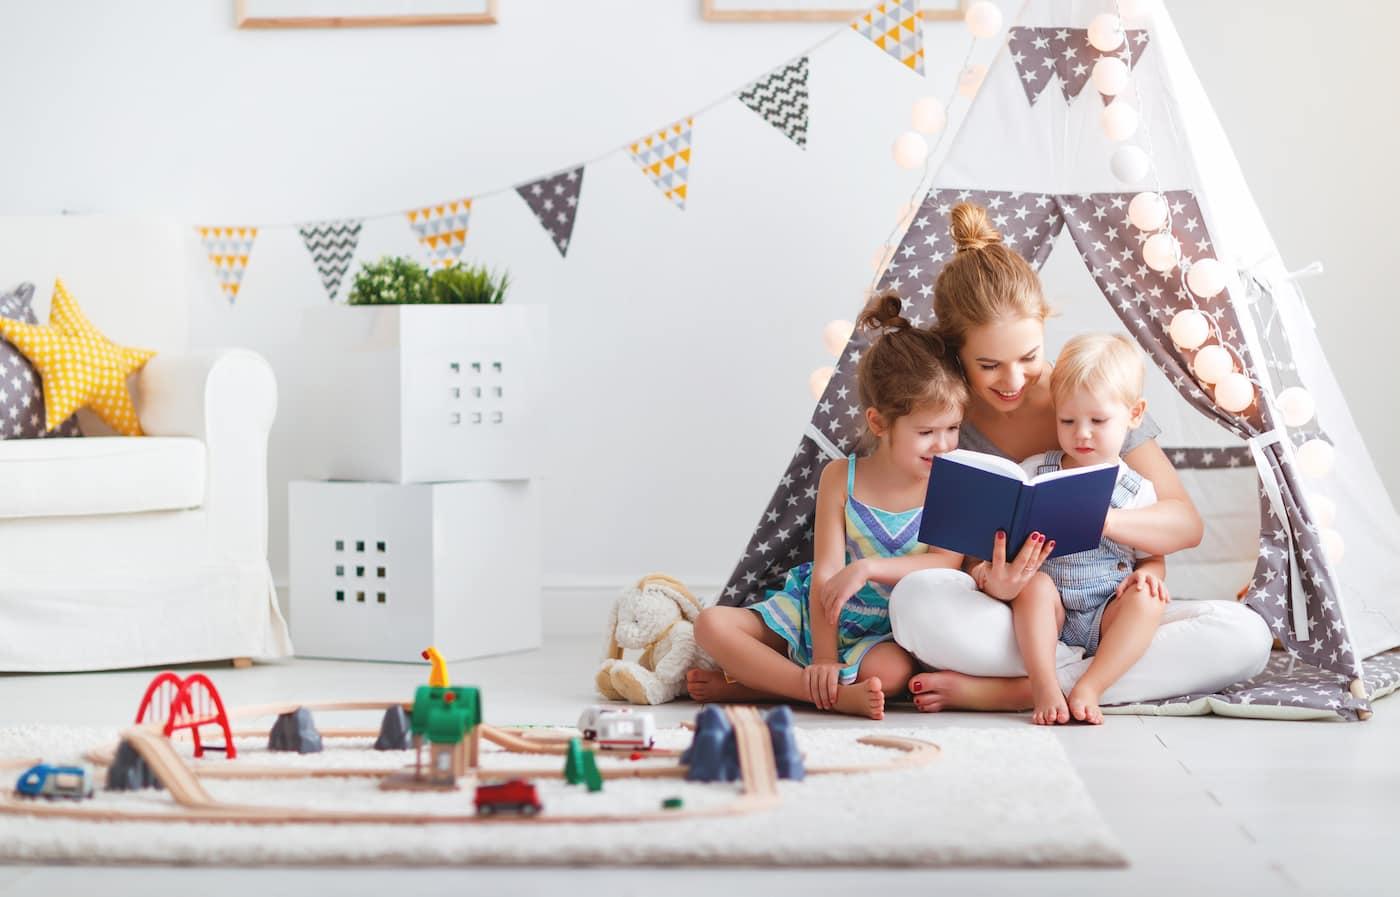 Γιατί είναι καλό για όλη την οικογένεια να μοιράζονται τα παιδιά σου το ίδιο δωμάτιο